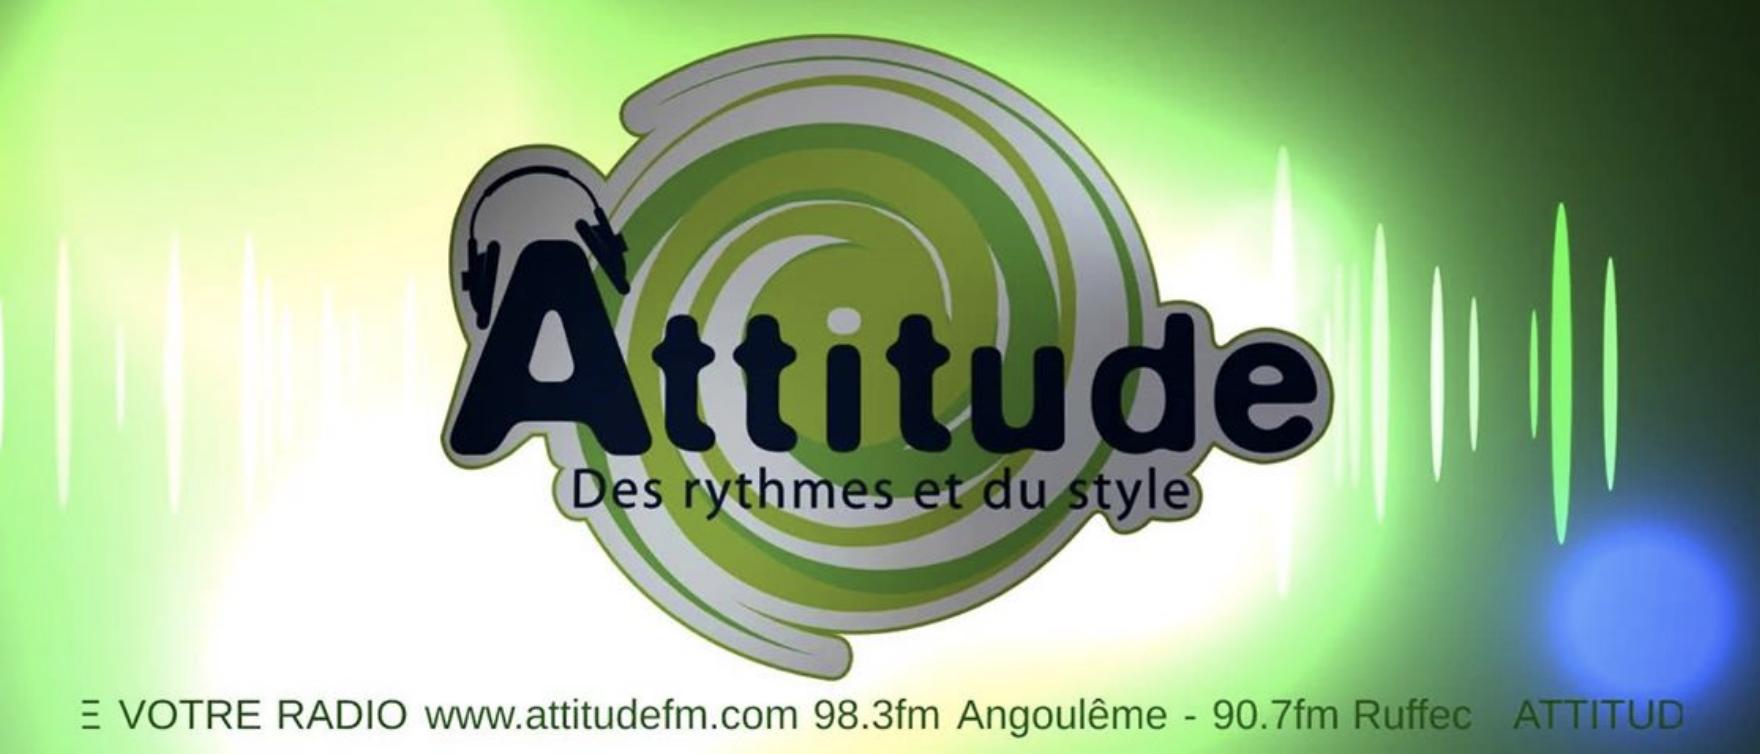 La station charentaise Radio Attitude en difficulté